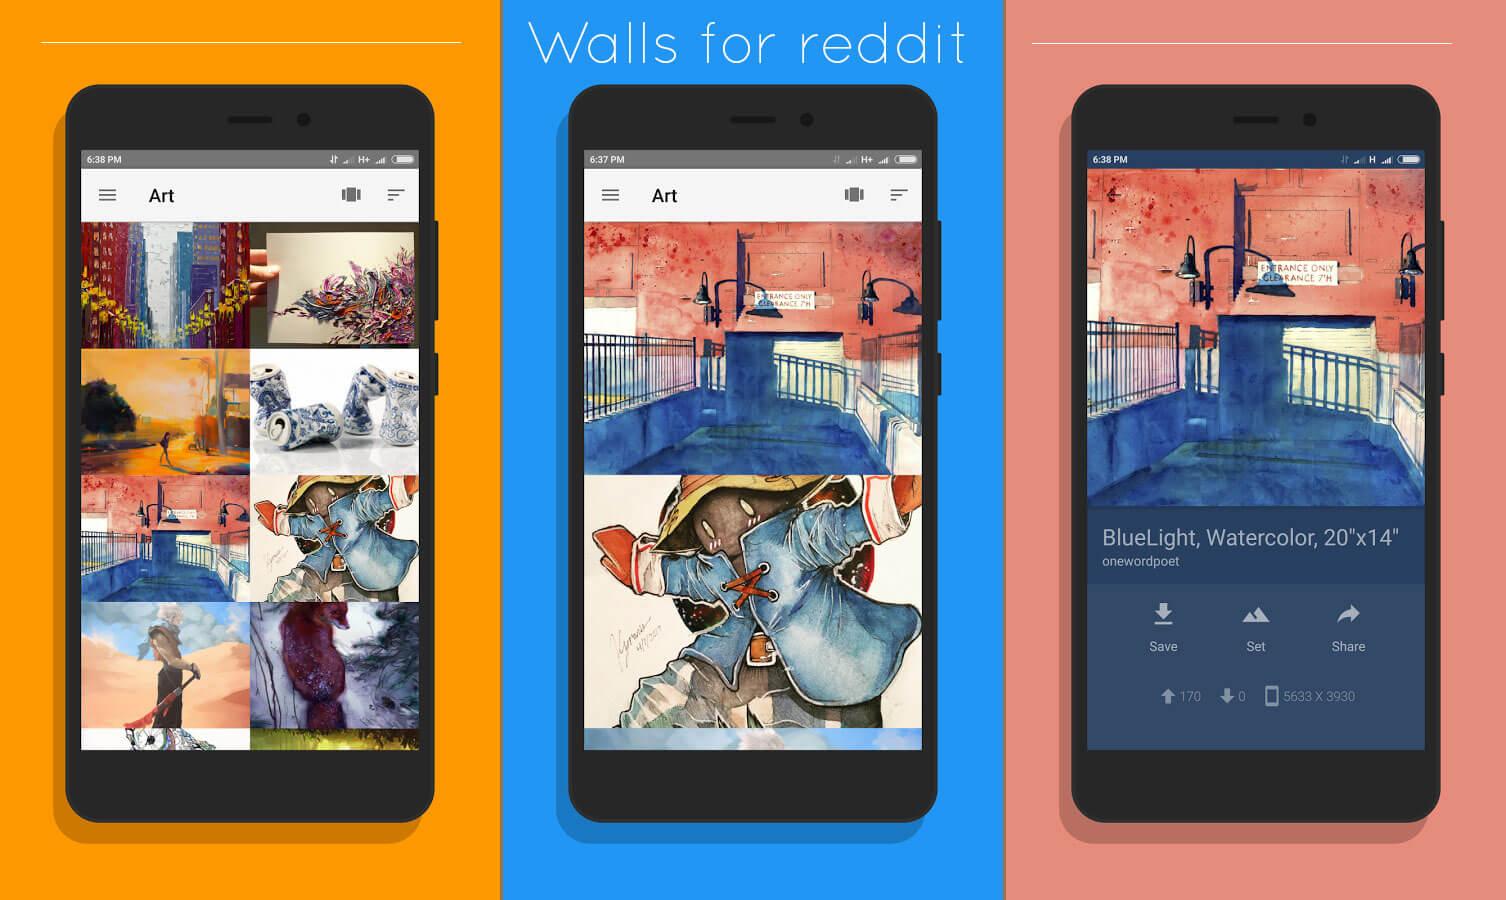 Wallpaper (from Reddit)